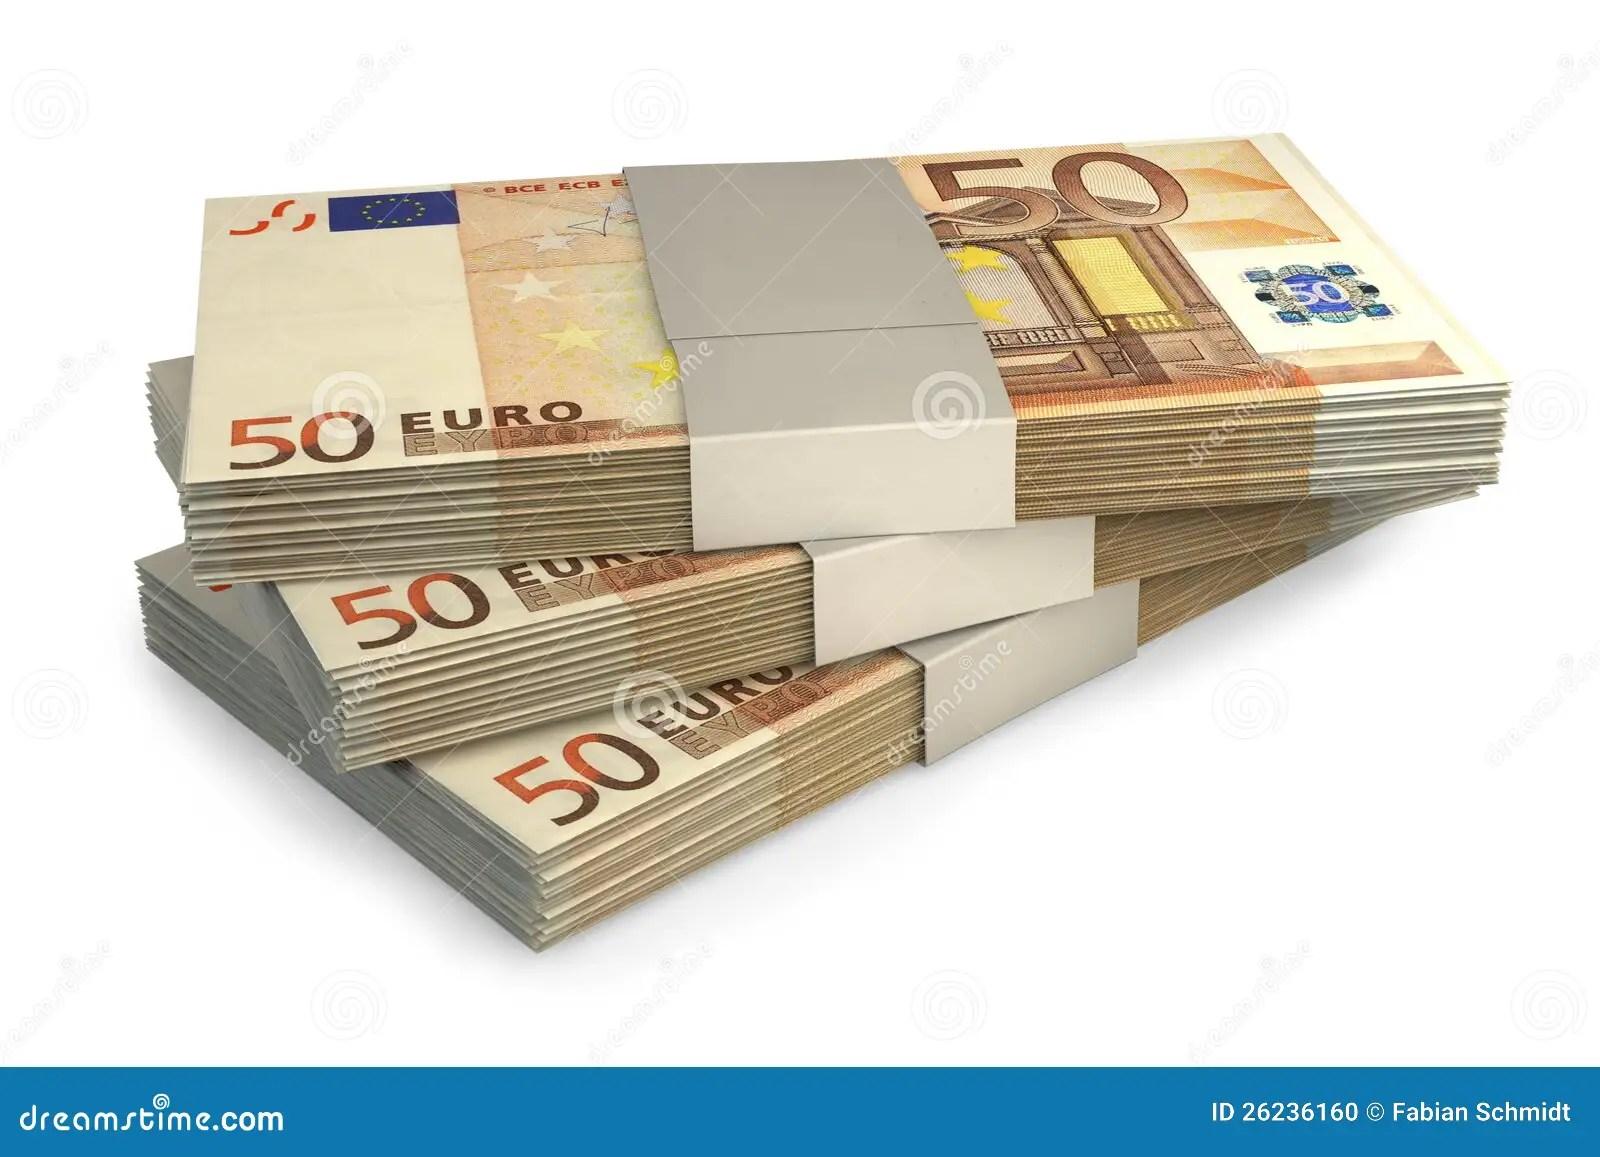 Euro Money Notes Stock Photo